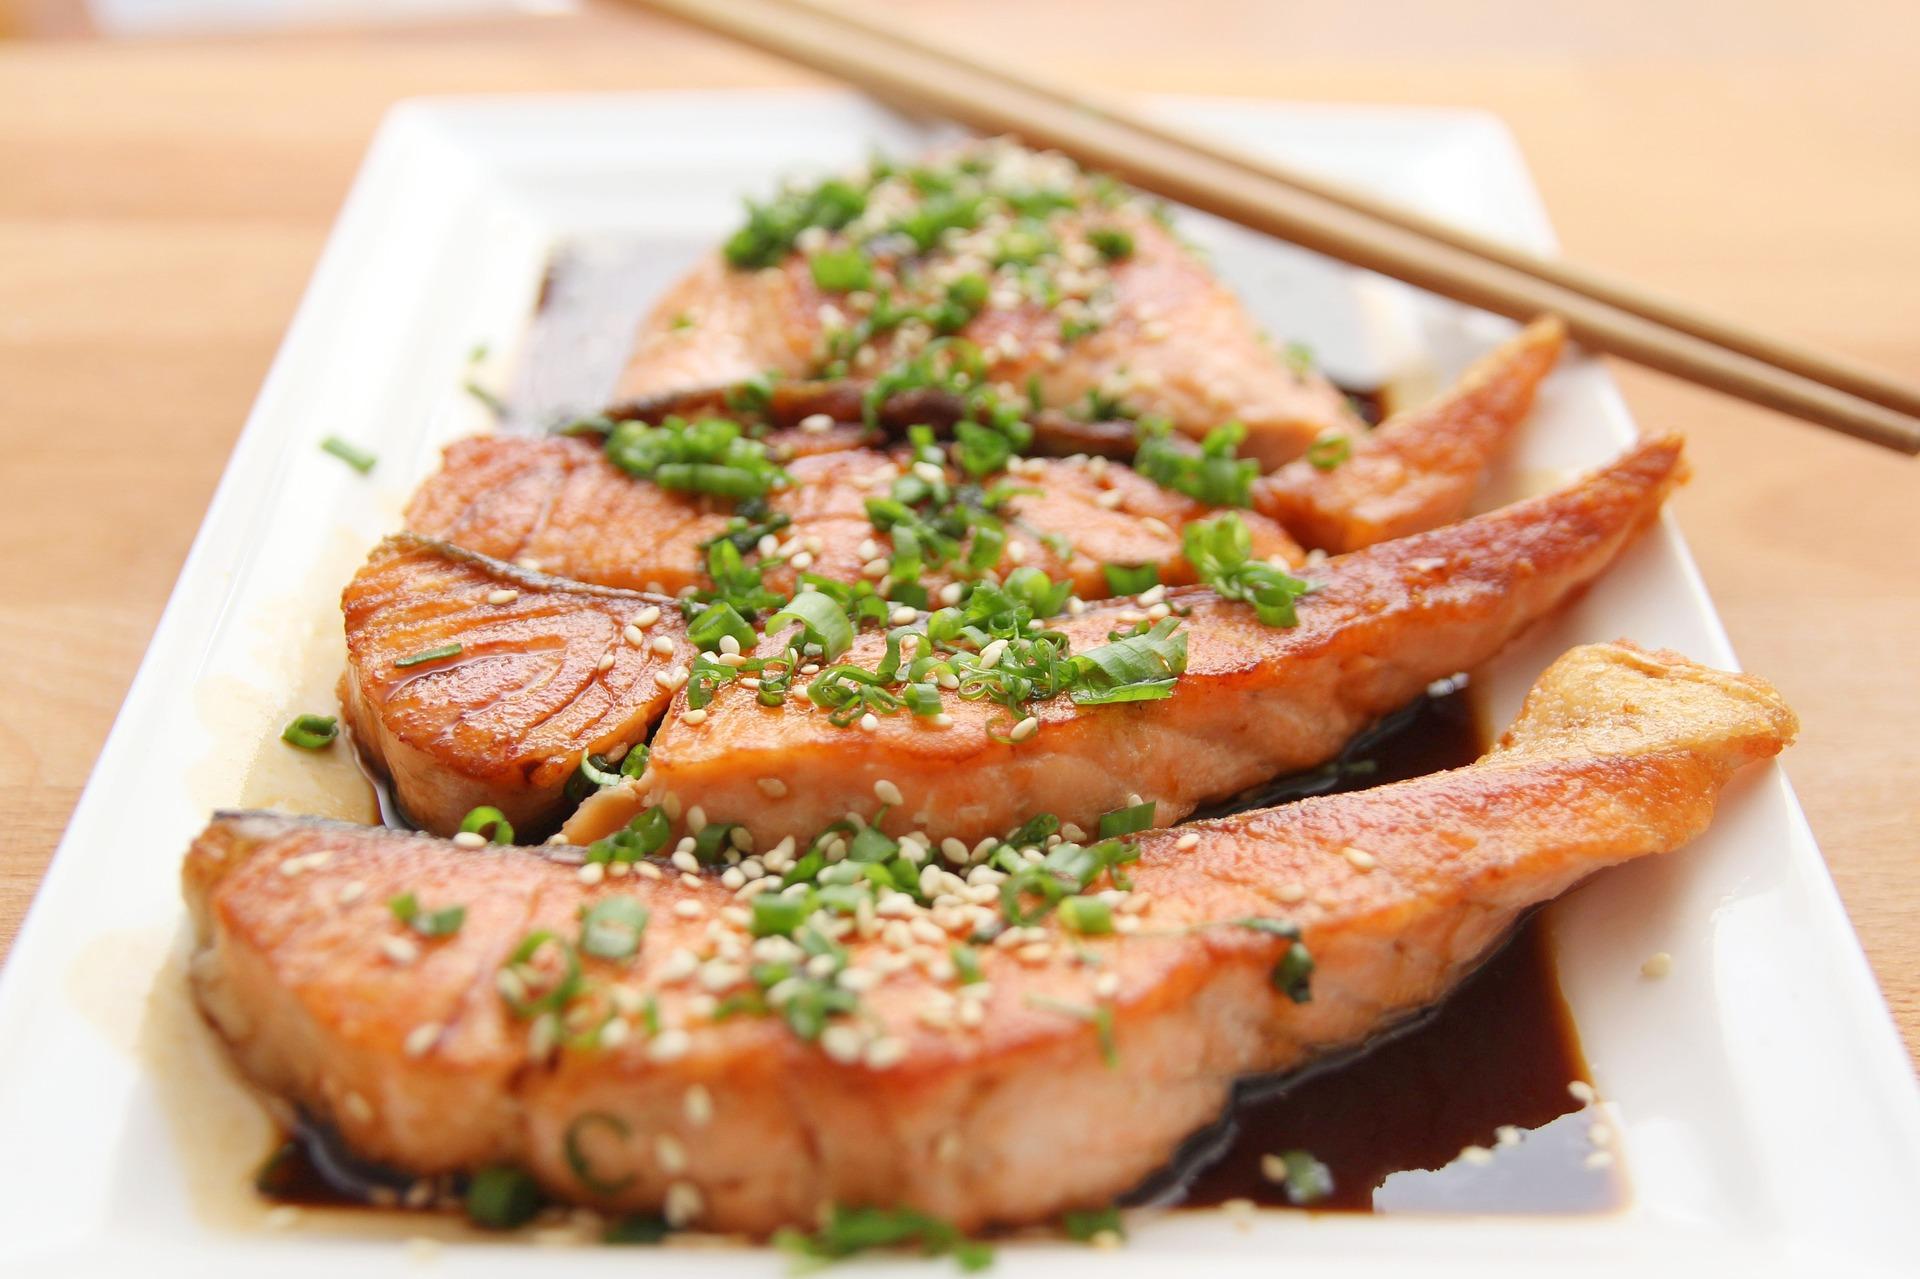 food-712665_1920.jpg